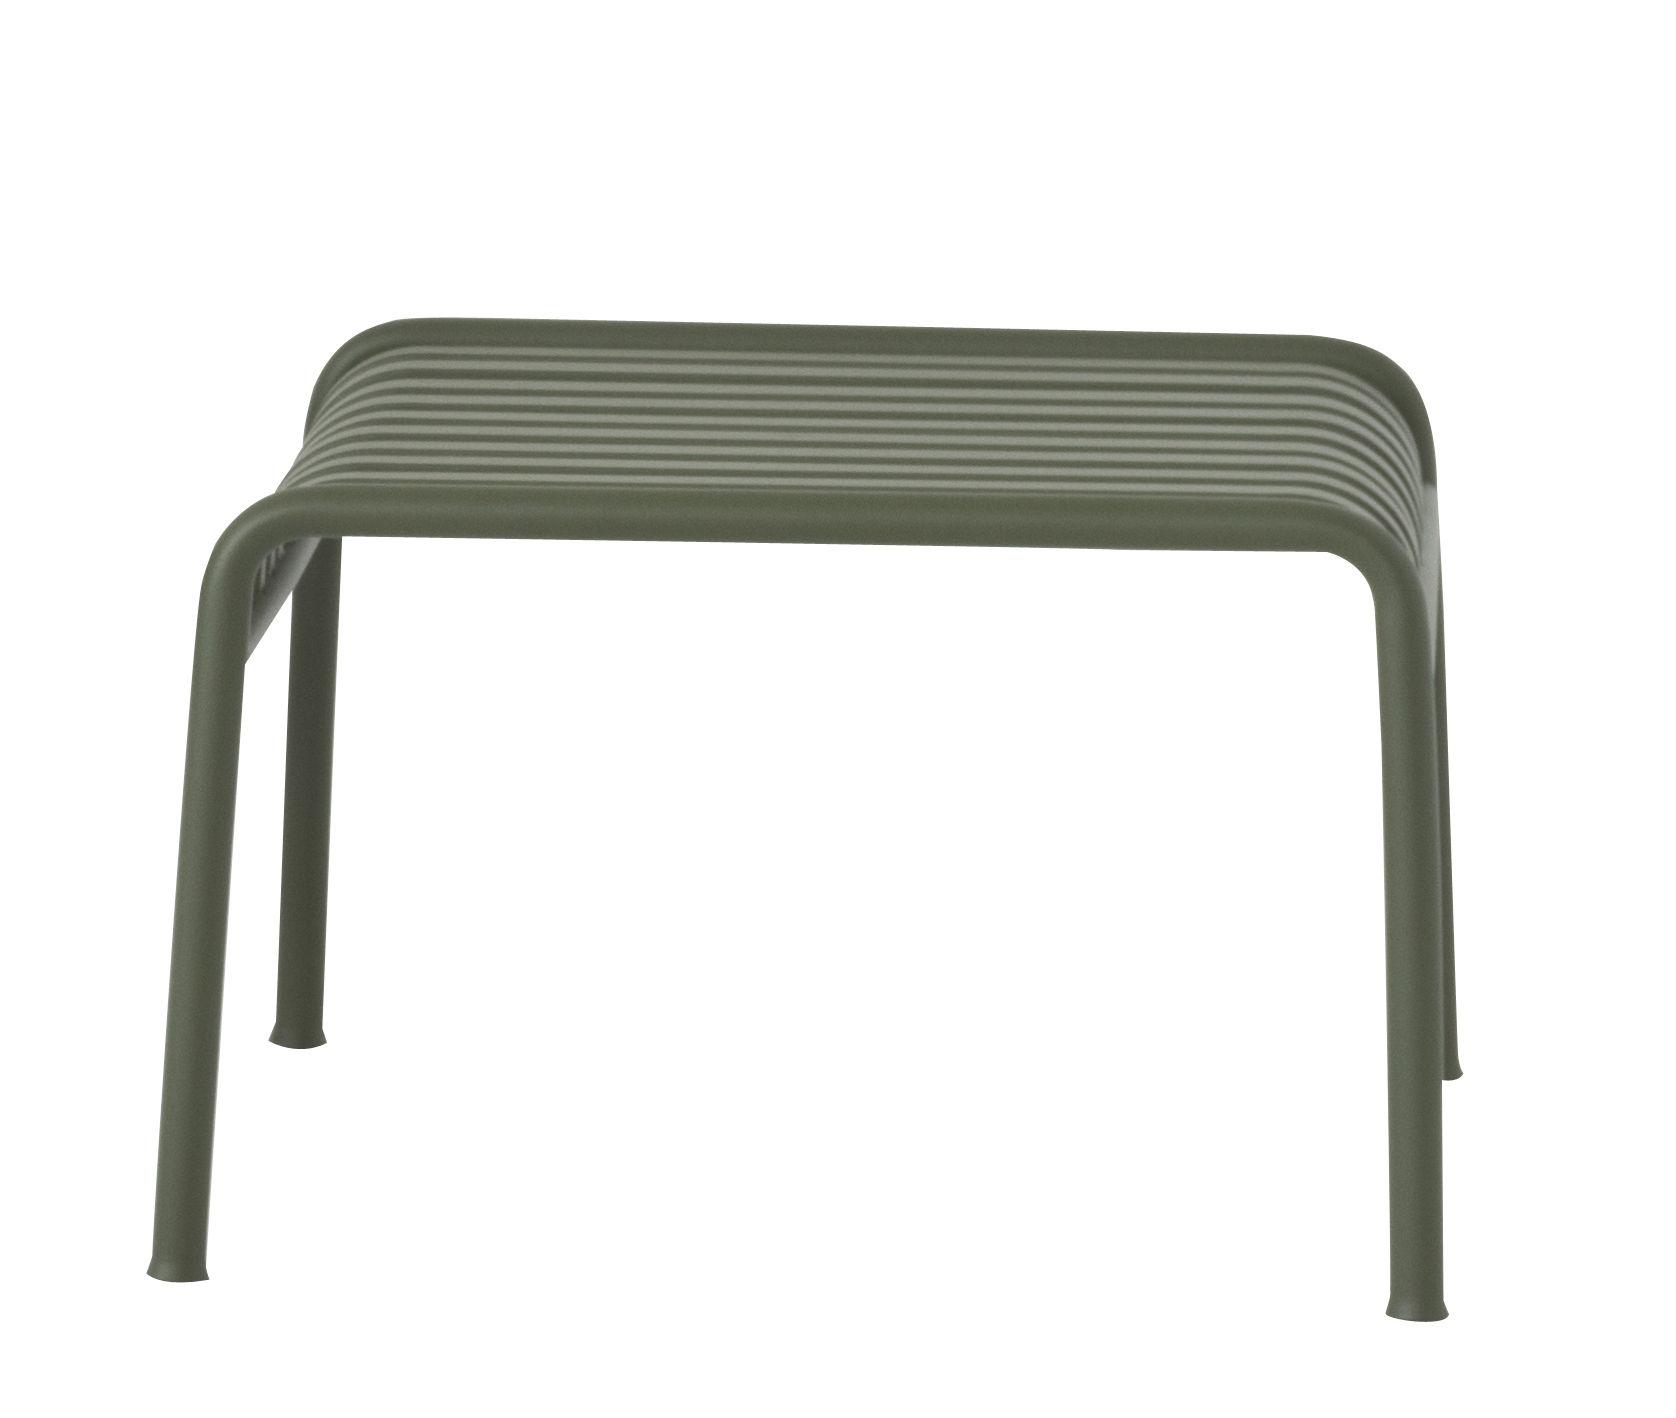 Möbel - Sitzkissen - Palissade Sitzkissen / Fußablage - R & E Bouroullec - Hay - Olivgrün - Galvanisch verzinkten Stahl, Peinture époxy